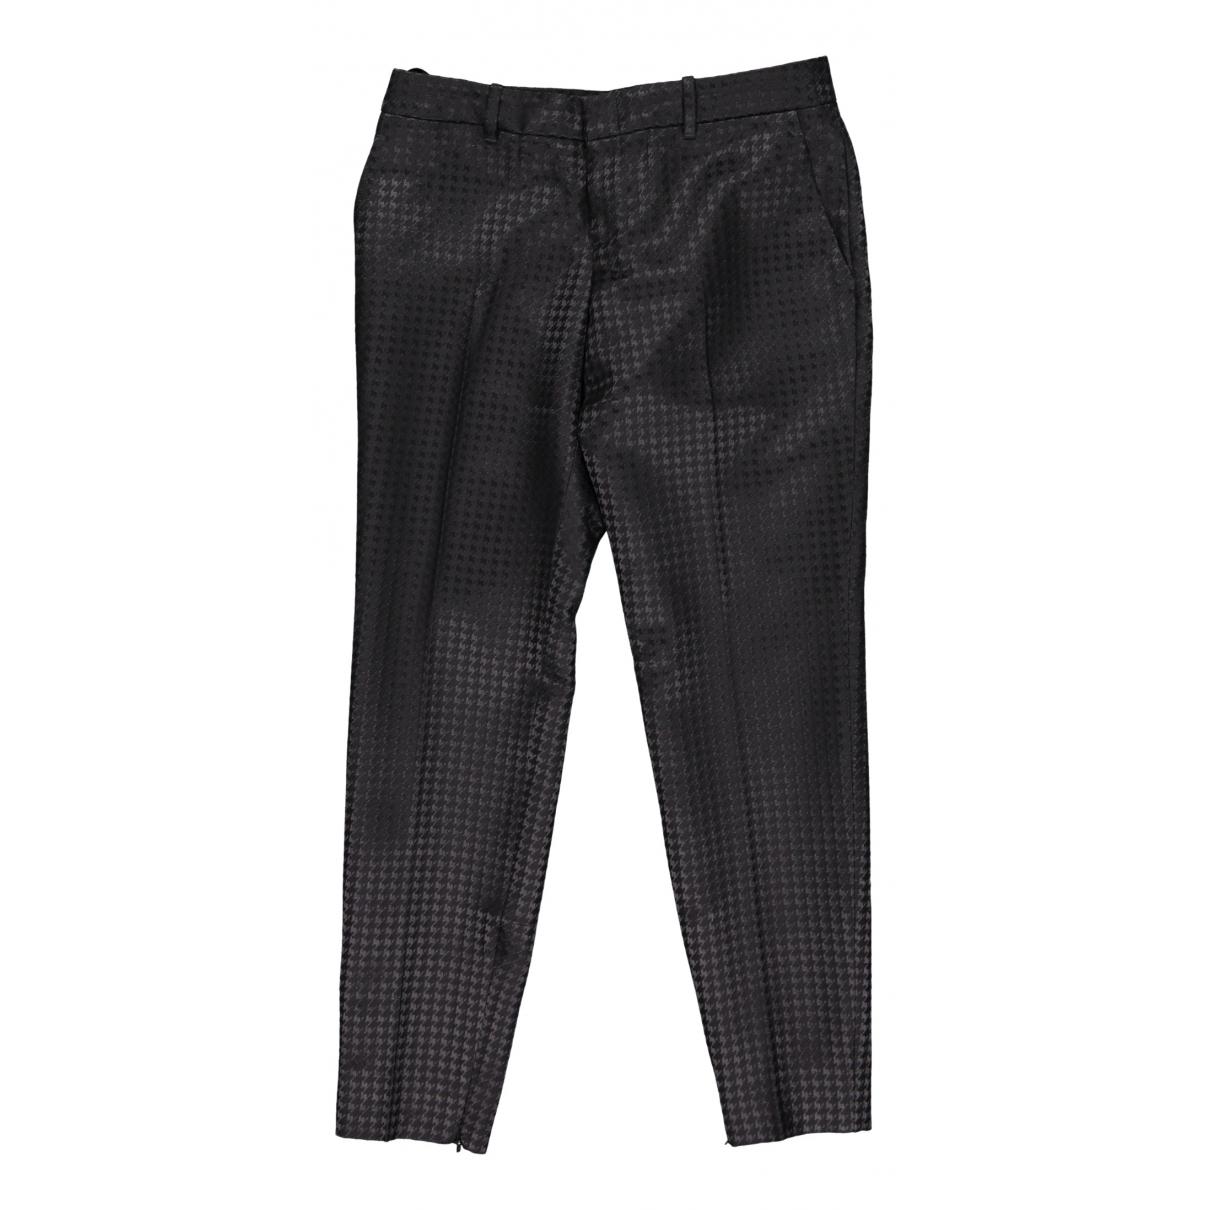 Pantalon recto de Lana Gucci